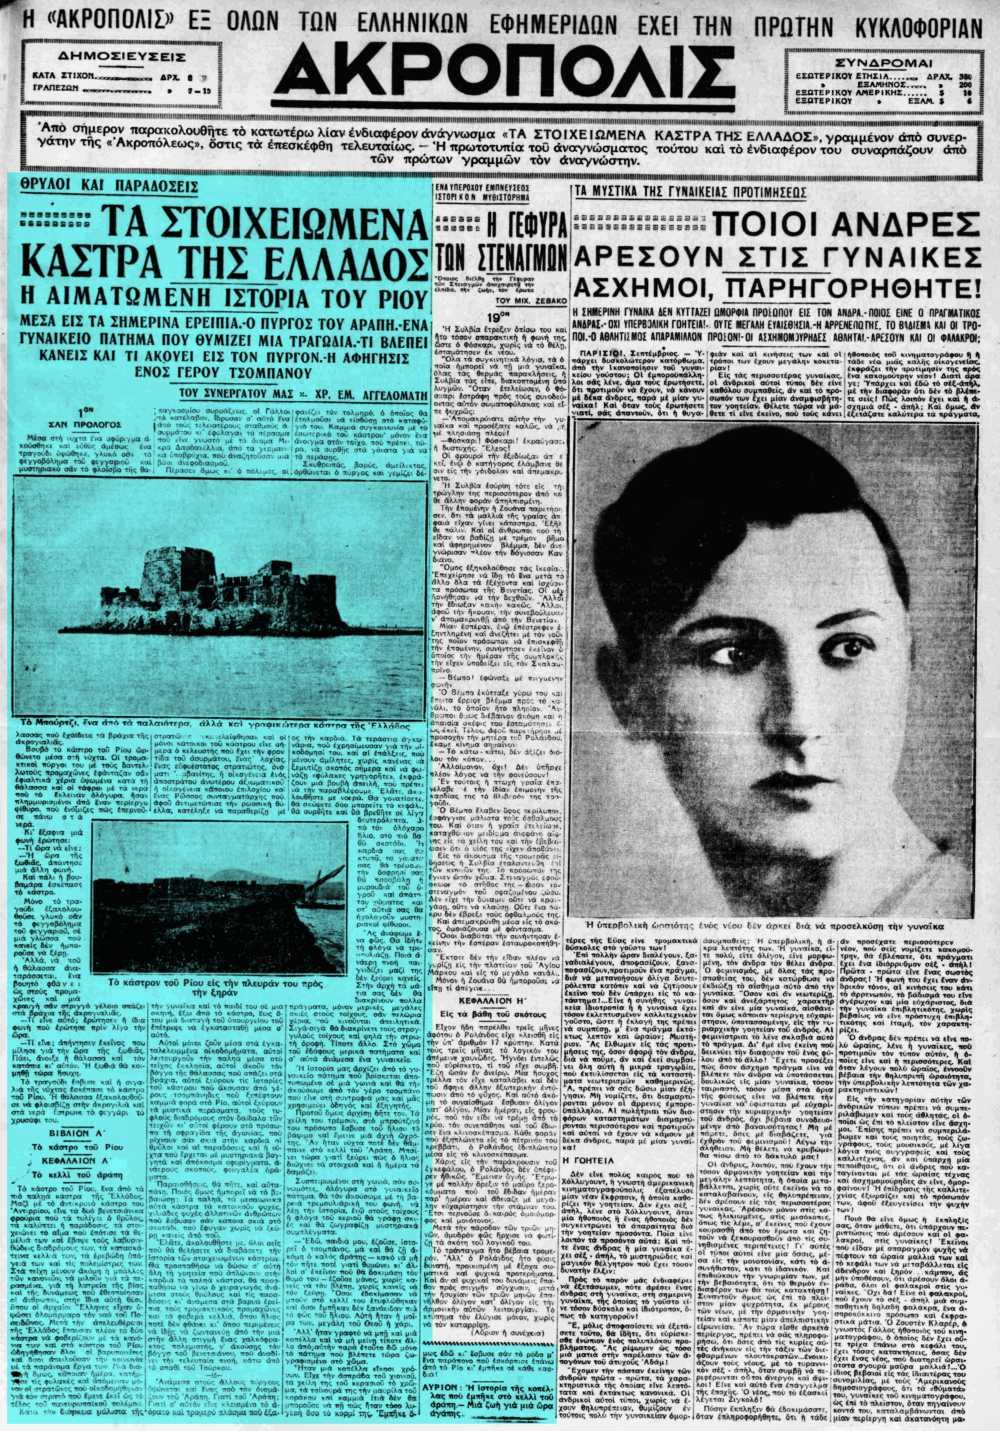 """Το άρθρο, όπως δημοσιεύθηκε στην εφημερίδα """"ΑΚΡΟΠΟΛΙΣ"""", στις 29/09/1932"""